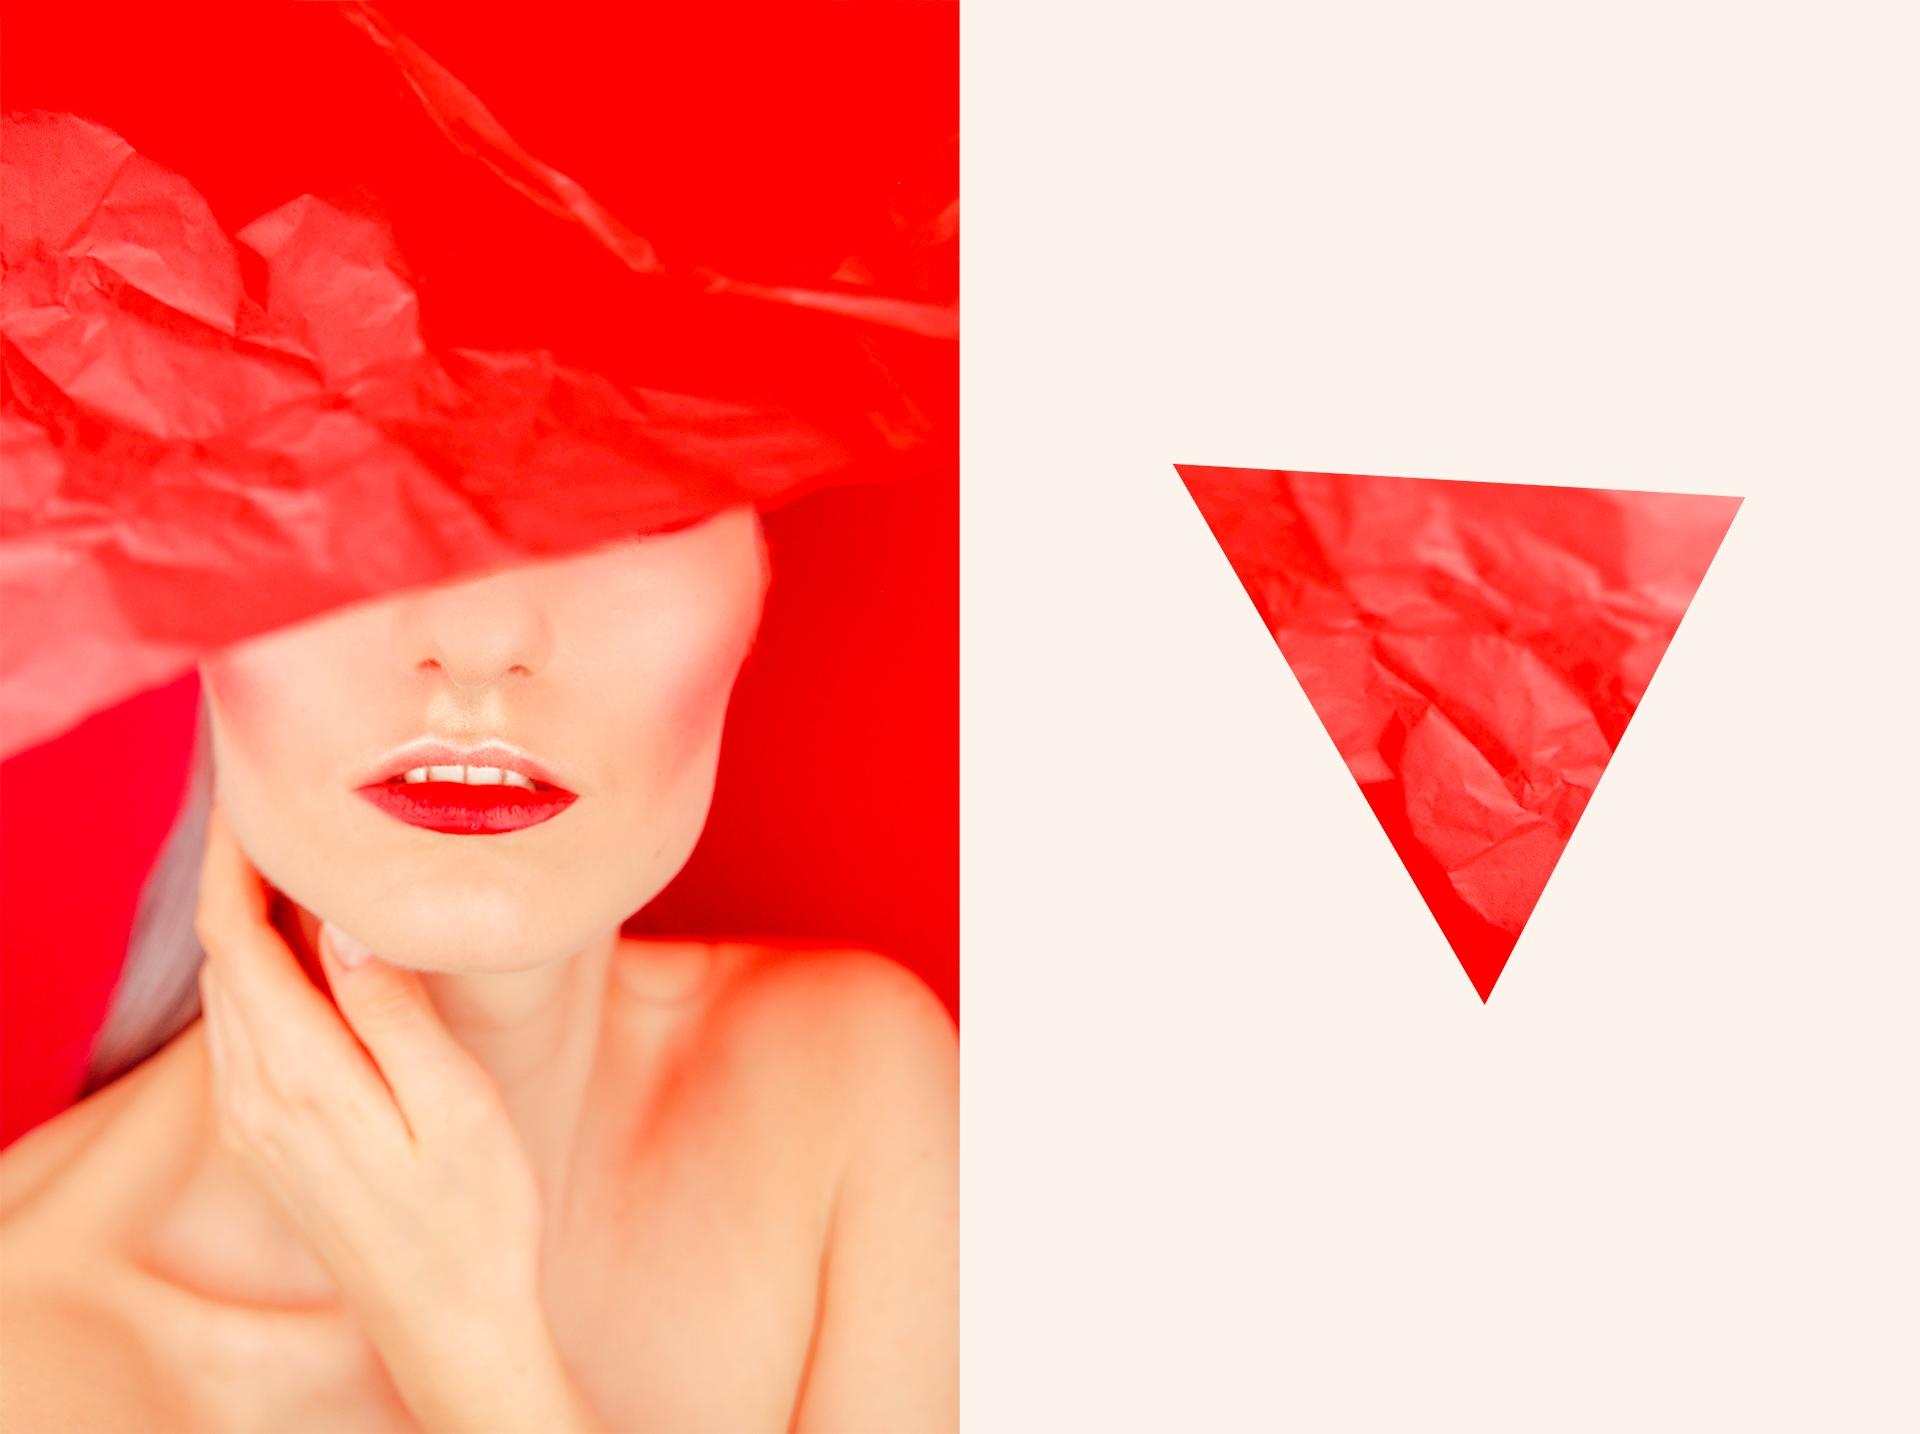 Obraz przedstawia zdjęcie z połową twarzy kobiety oraz czerwony trójkąt po lewej stronie. Kobieta ma zasłonięte oczy czerwoną tkaniną.